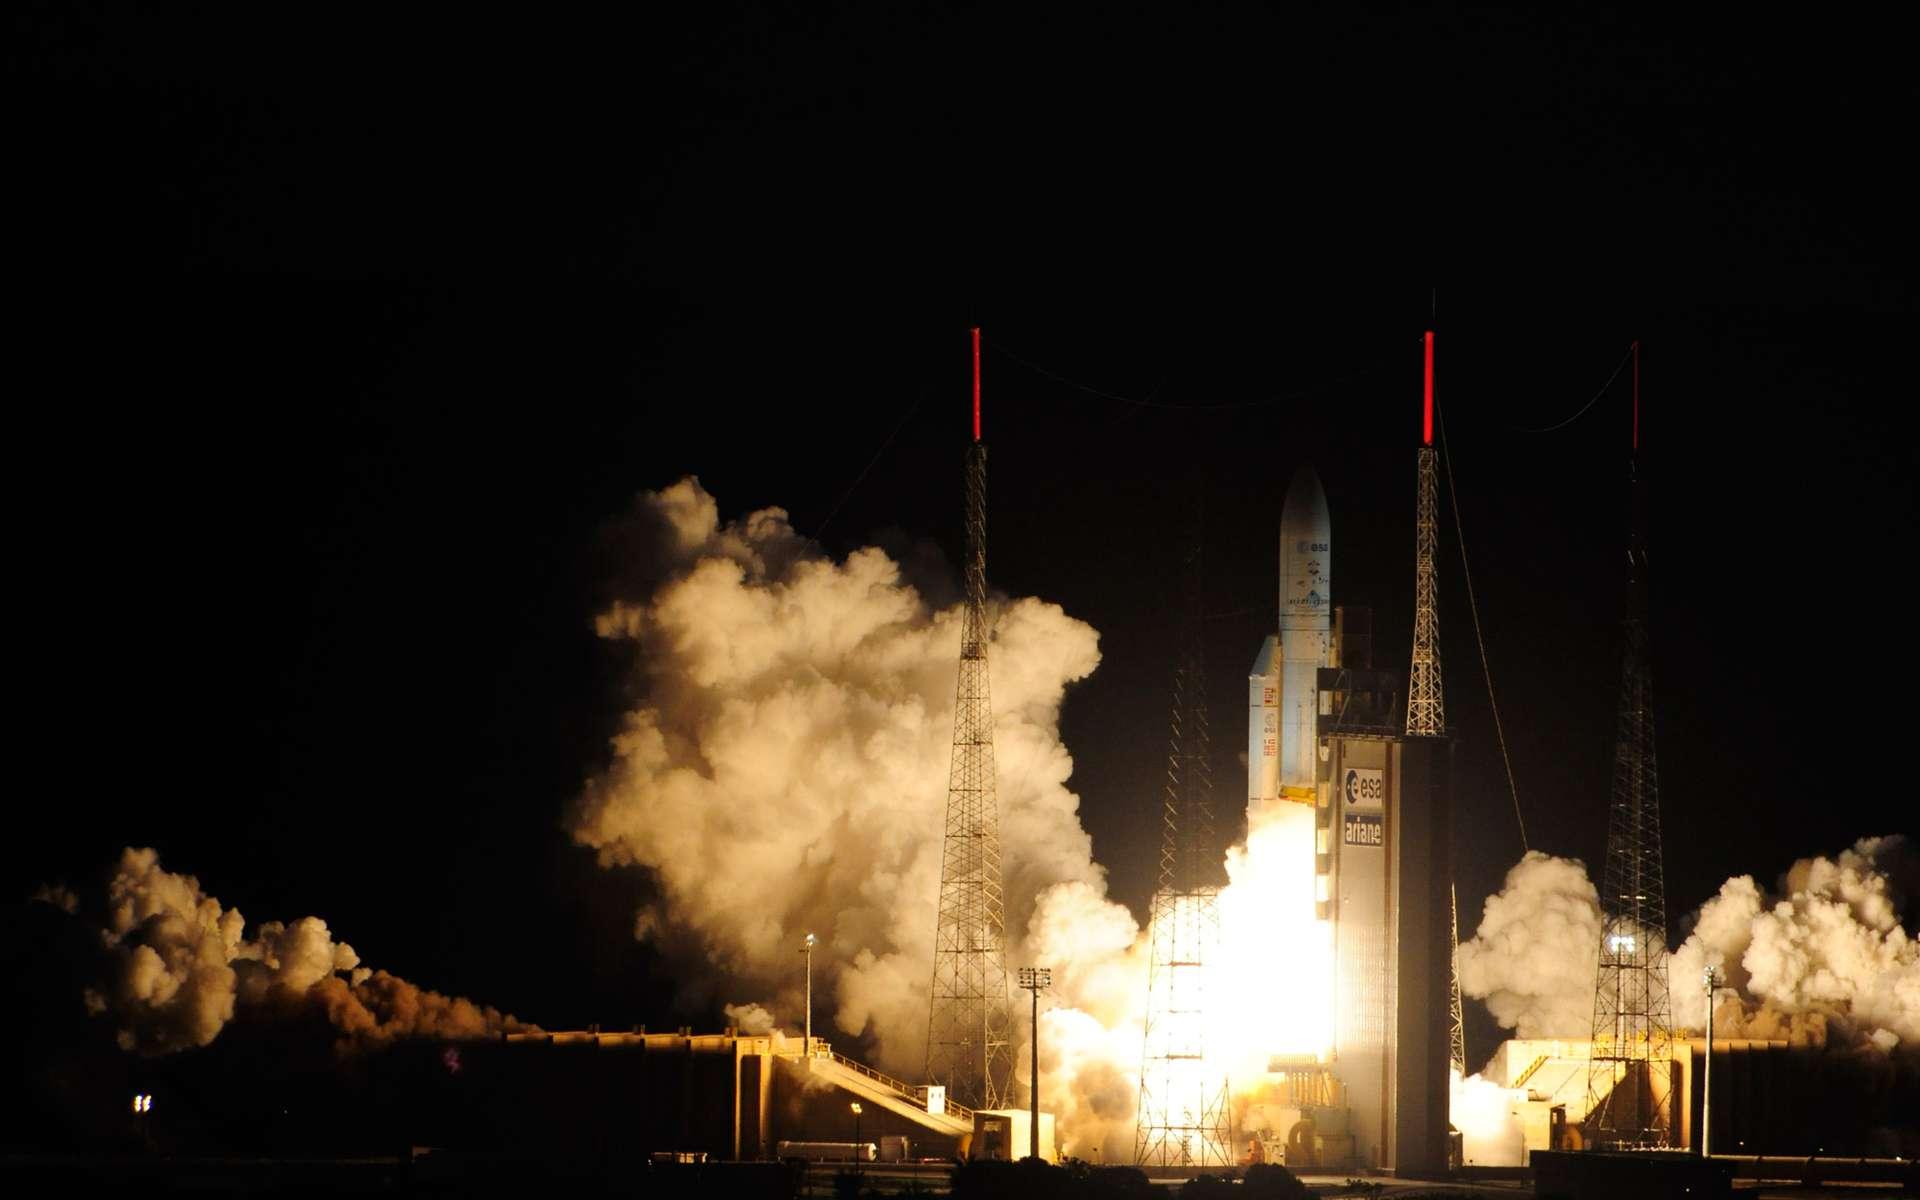 Décollage de l'ATV-4 Albert Einstein. Ce tir était le 69e lancement d'une Ariane 5, toutes versions confondues, et le deuxième lancement de l'année 2013. © S. Corvaja, Esa